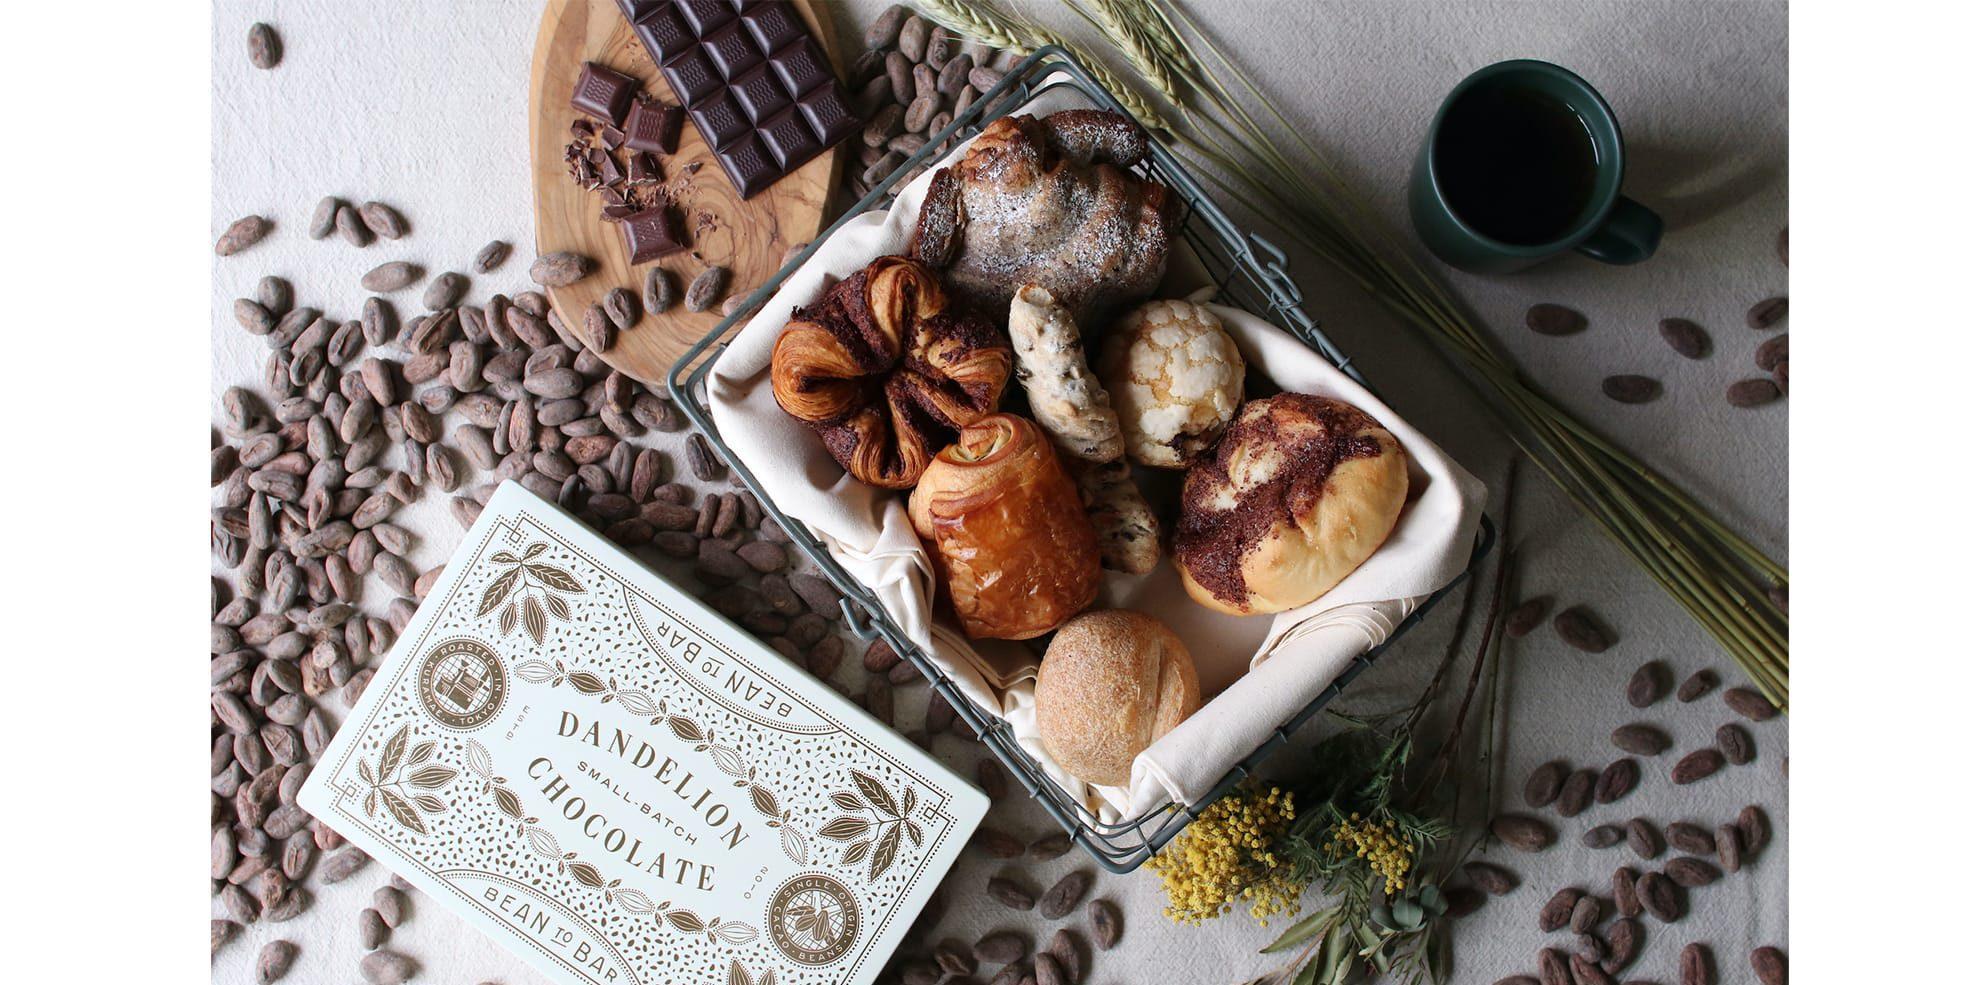 シングルオリジンチョコレートをカジュアルに味わう「パン詰め合わせ(7個)」2,970円(税込)。